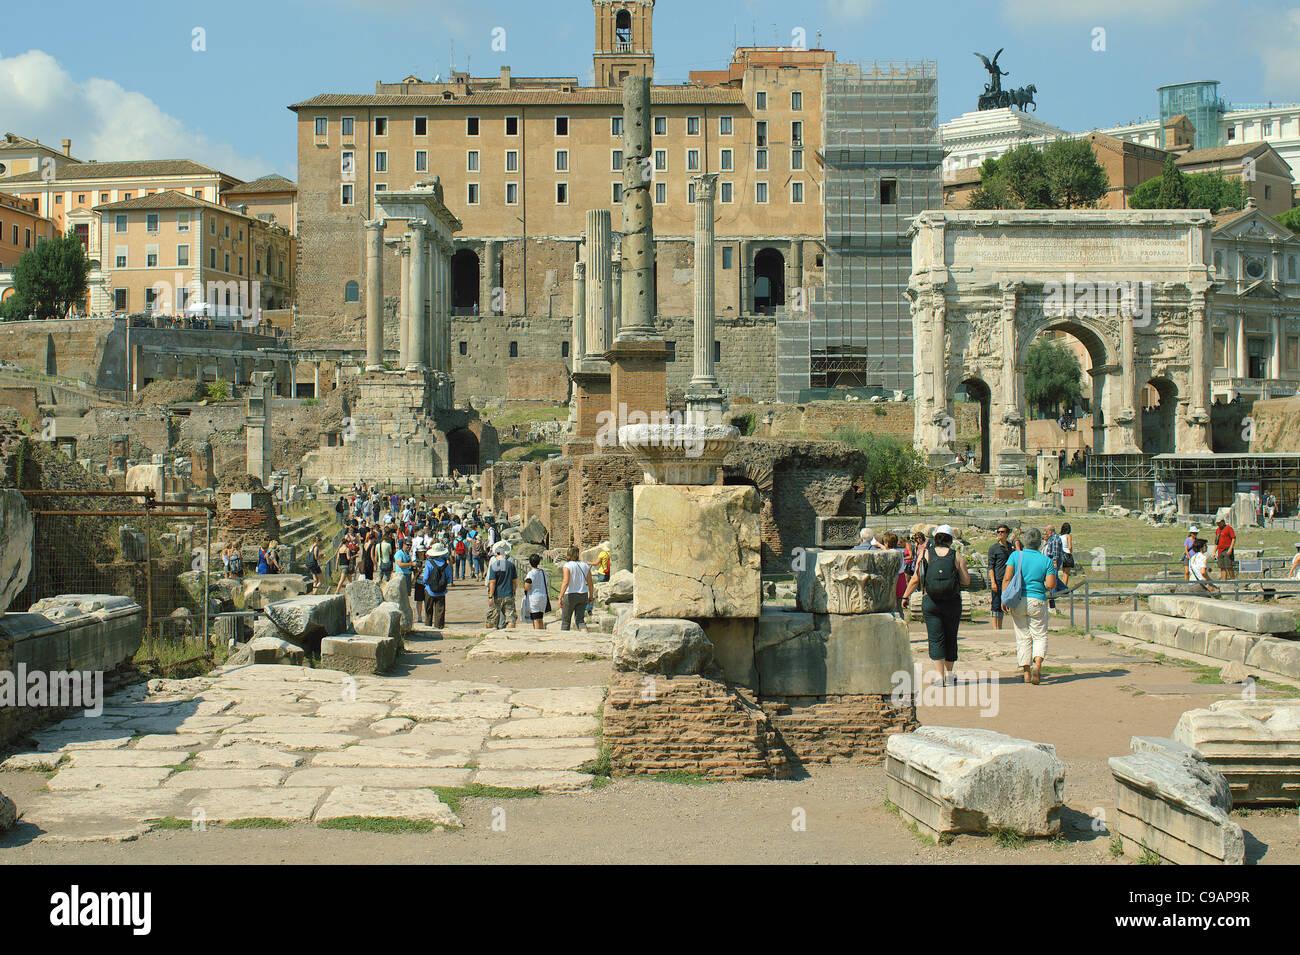 Forum Romanum In Rome Italy Stock Photos &- Forum Romanum In Rome ...